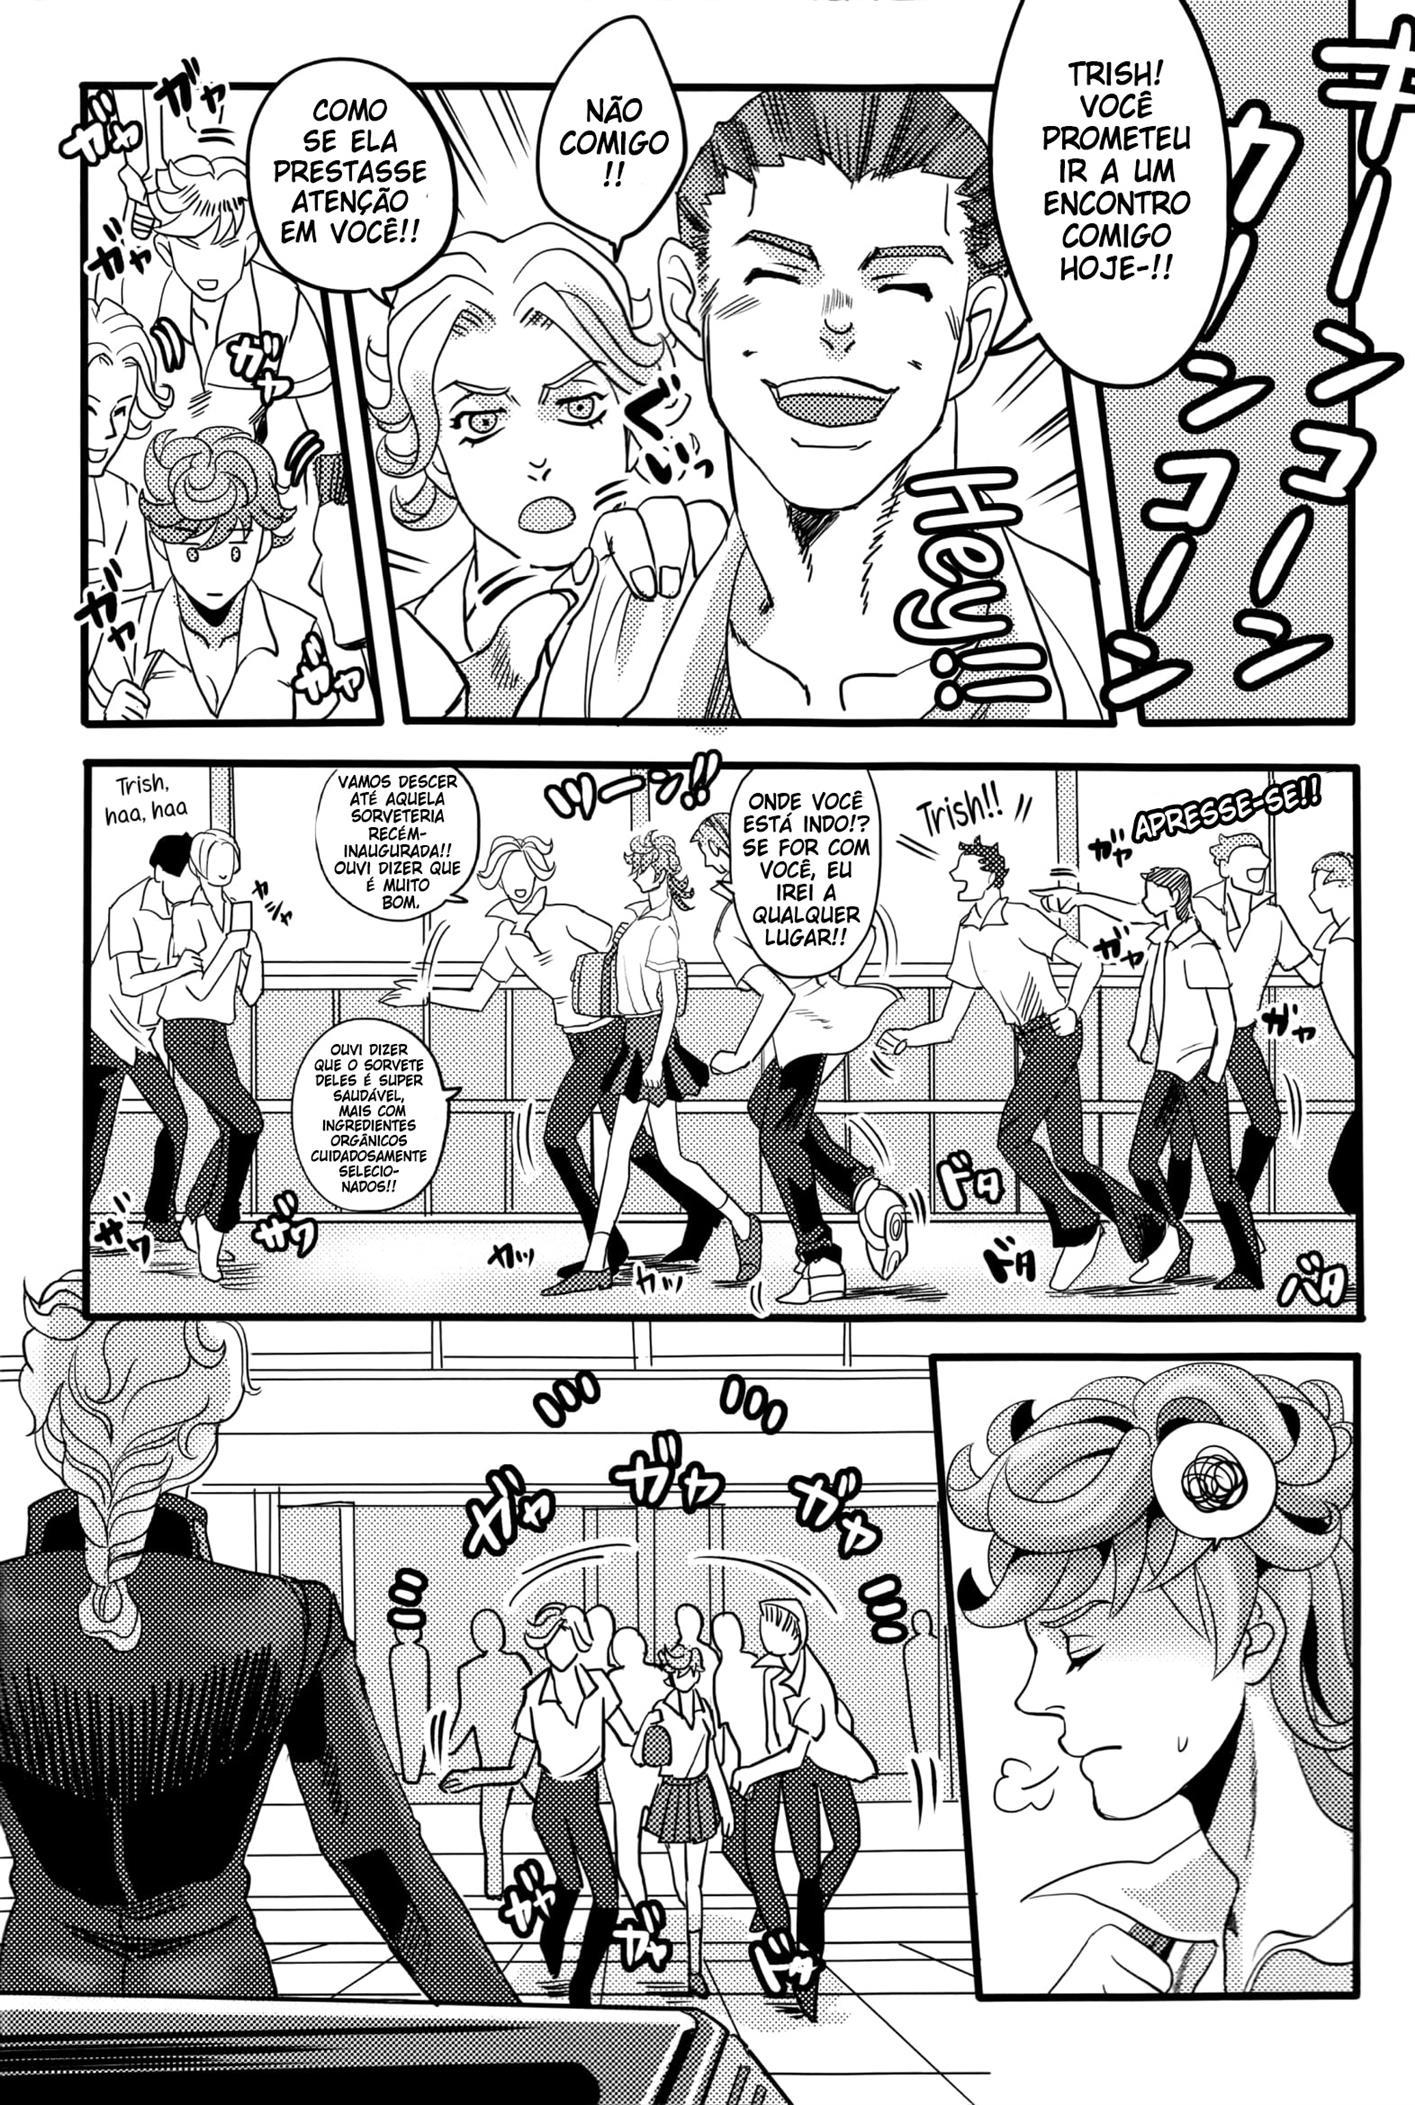 JoJo's Bizarre Adventure Hentai: Giorno x Trish